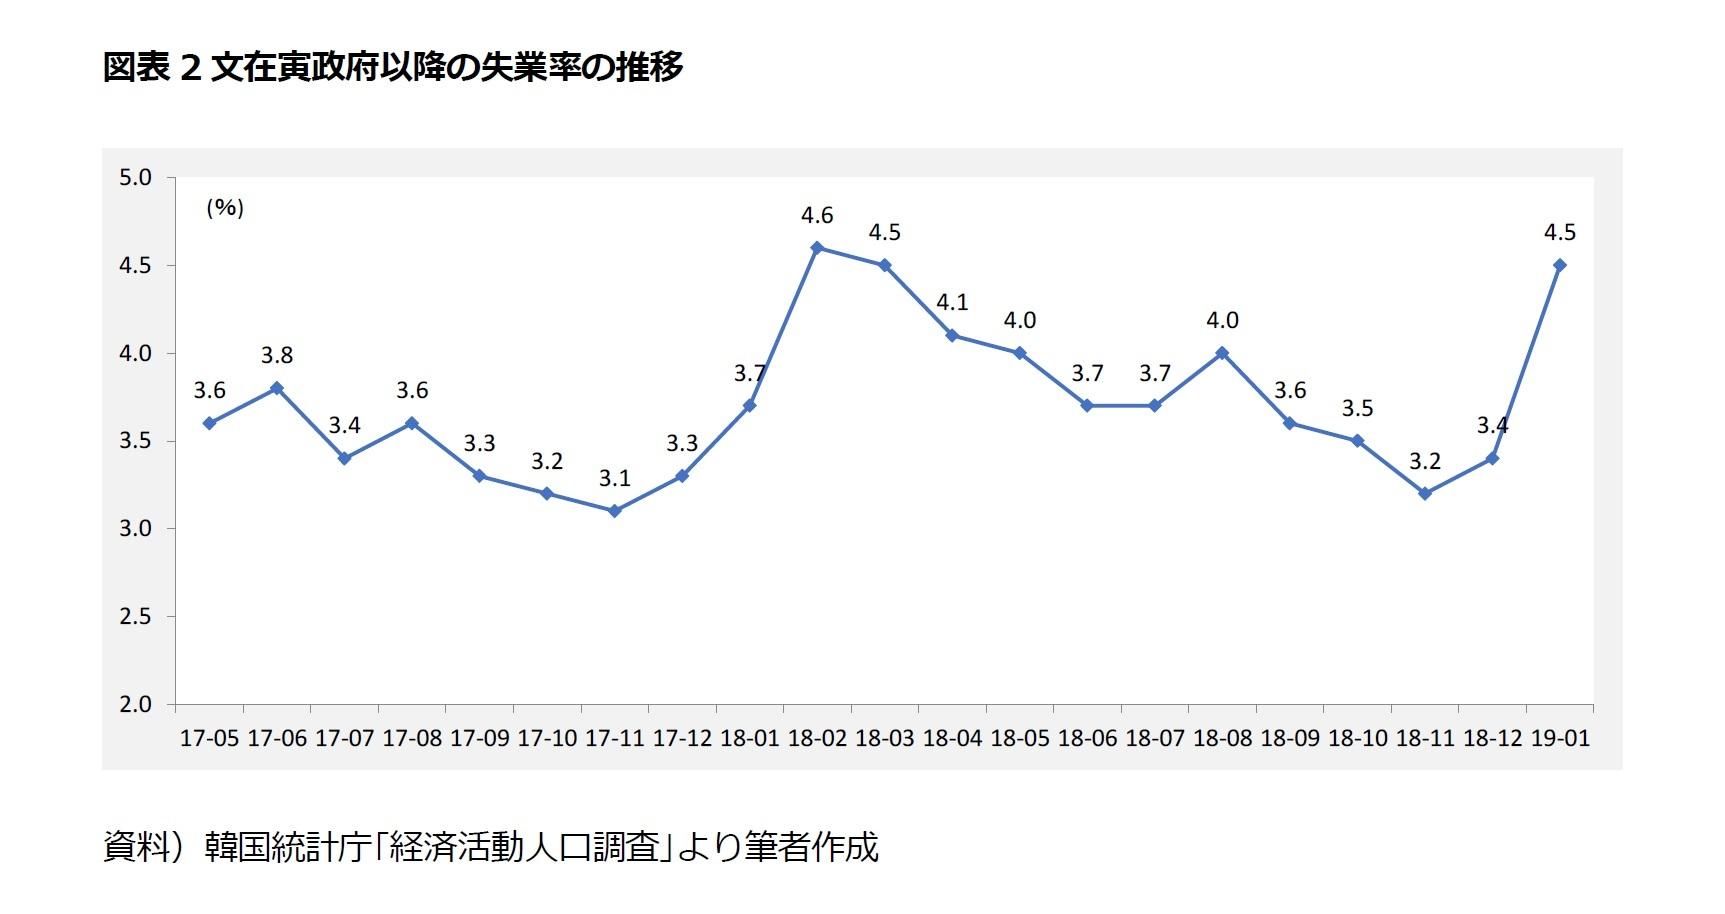 図表2文在寅政府以降の失業率の推移